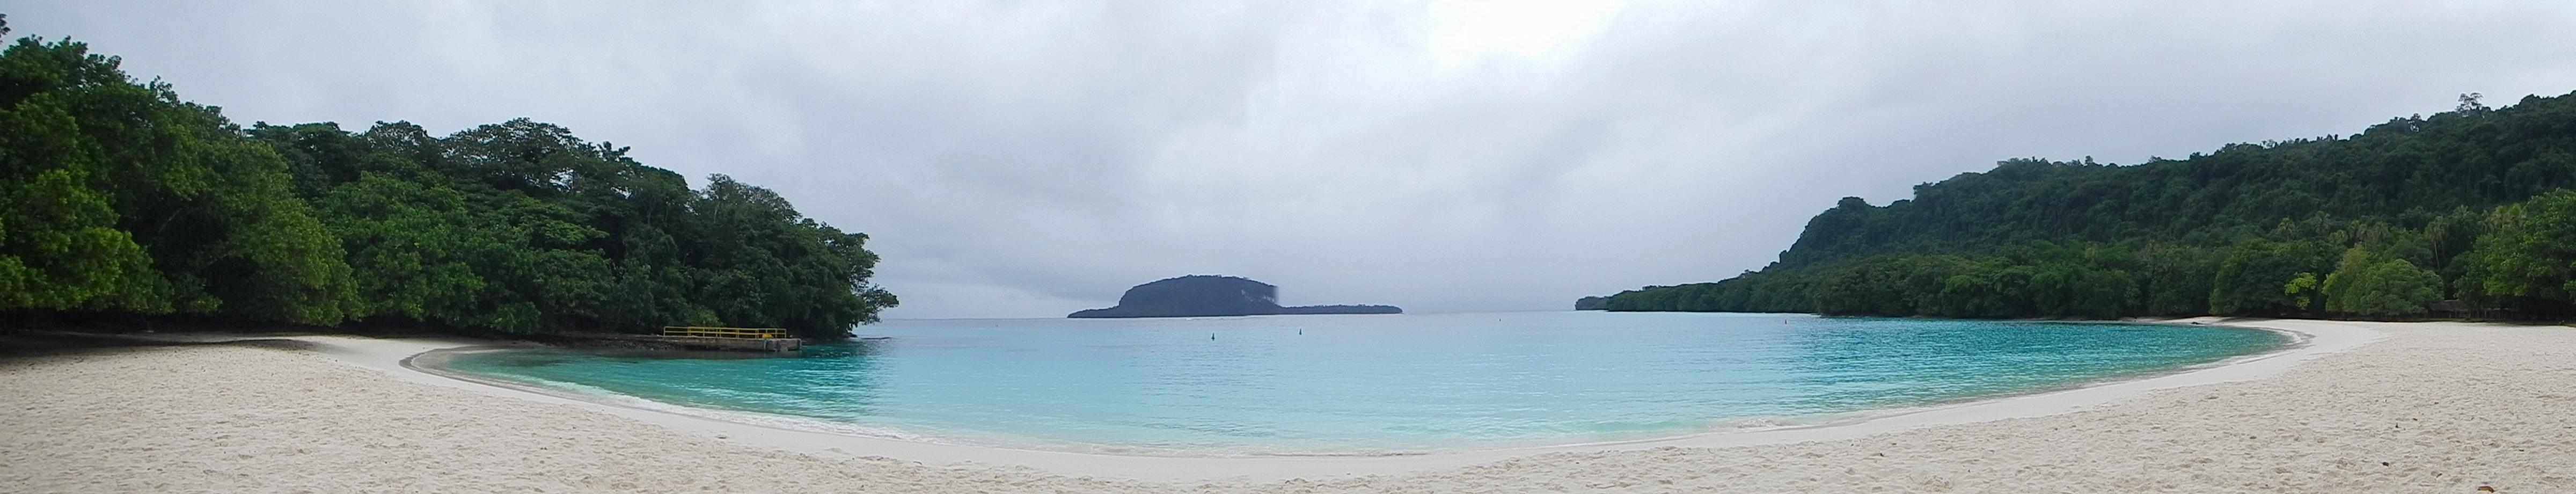 05g Champagne Beach 010